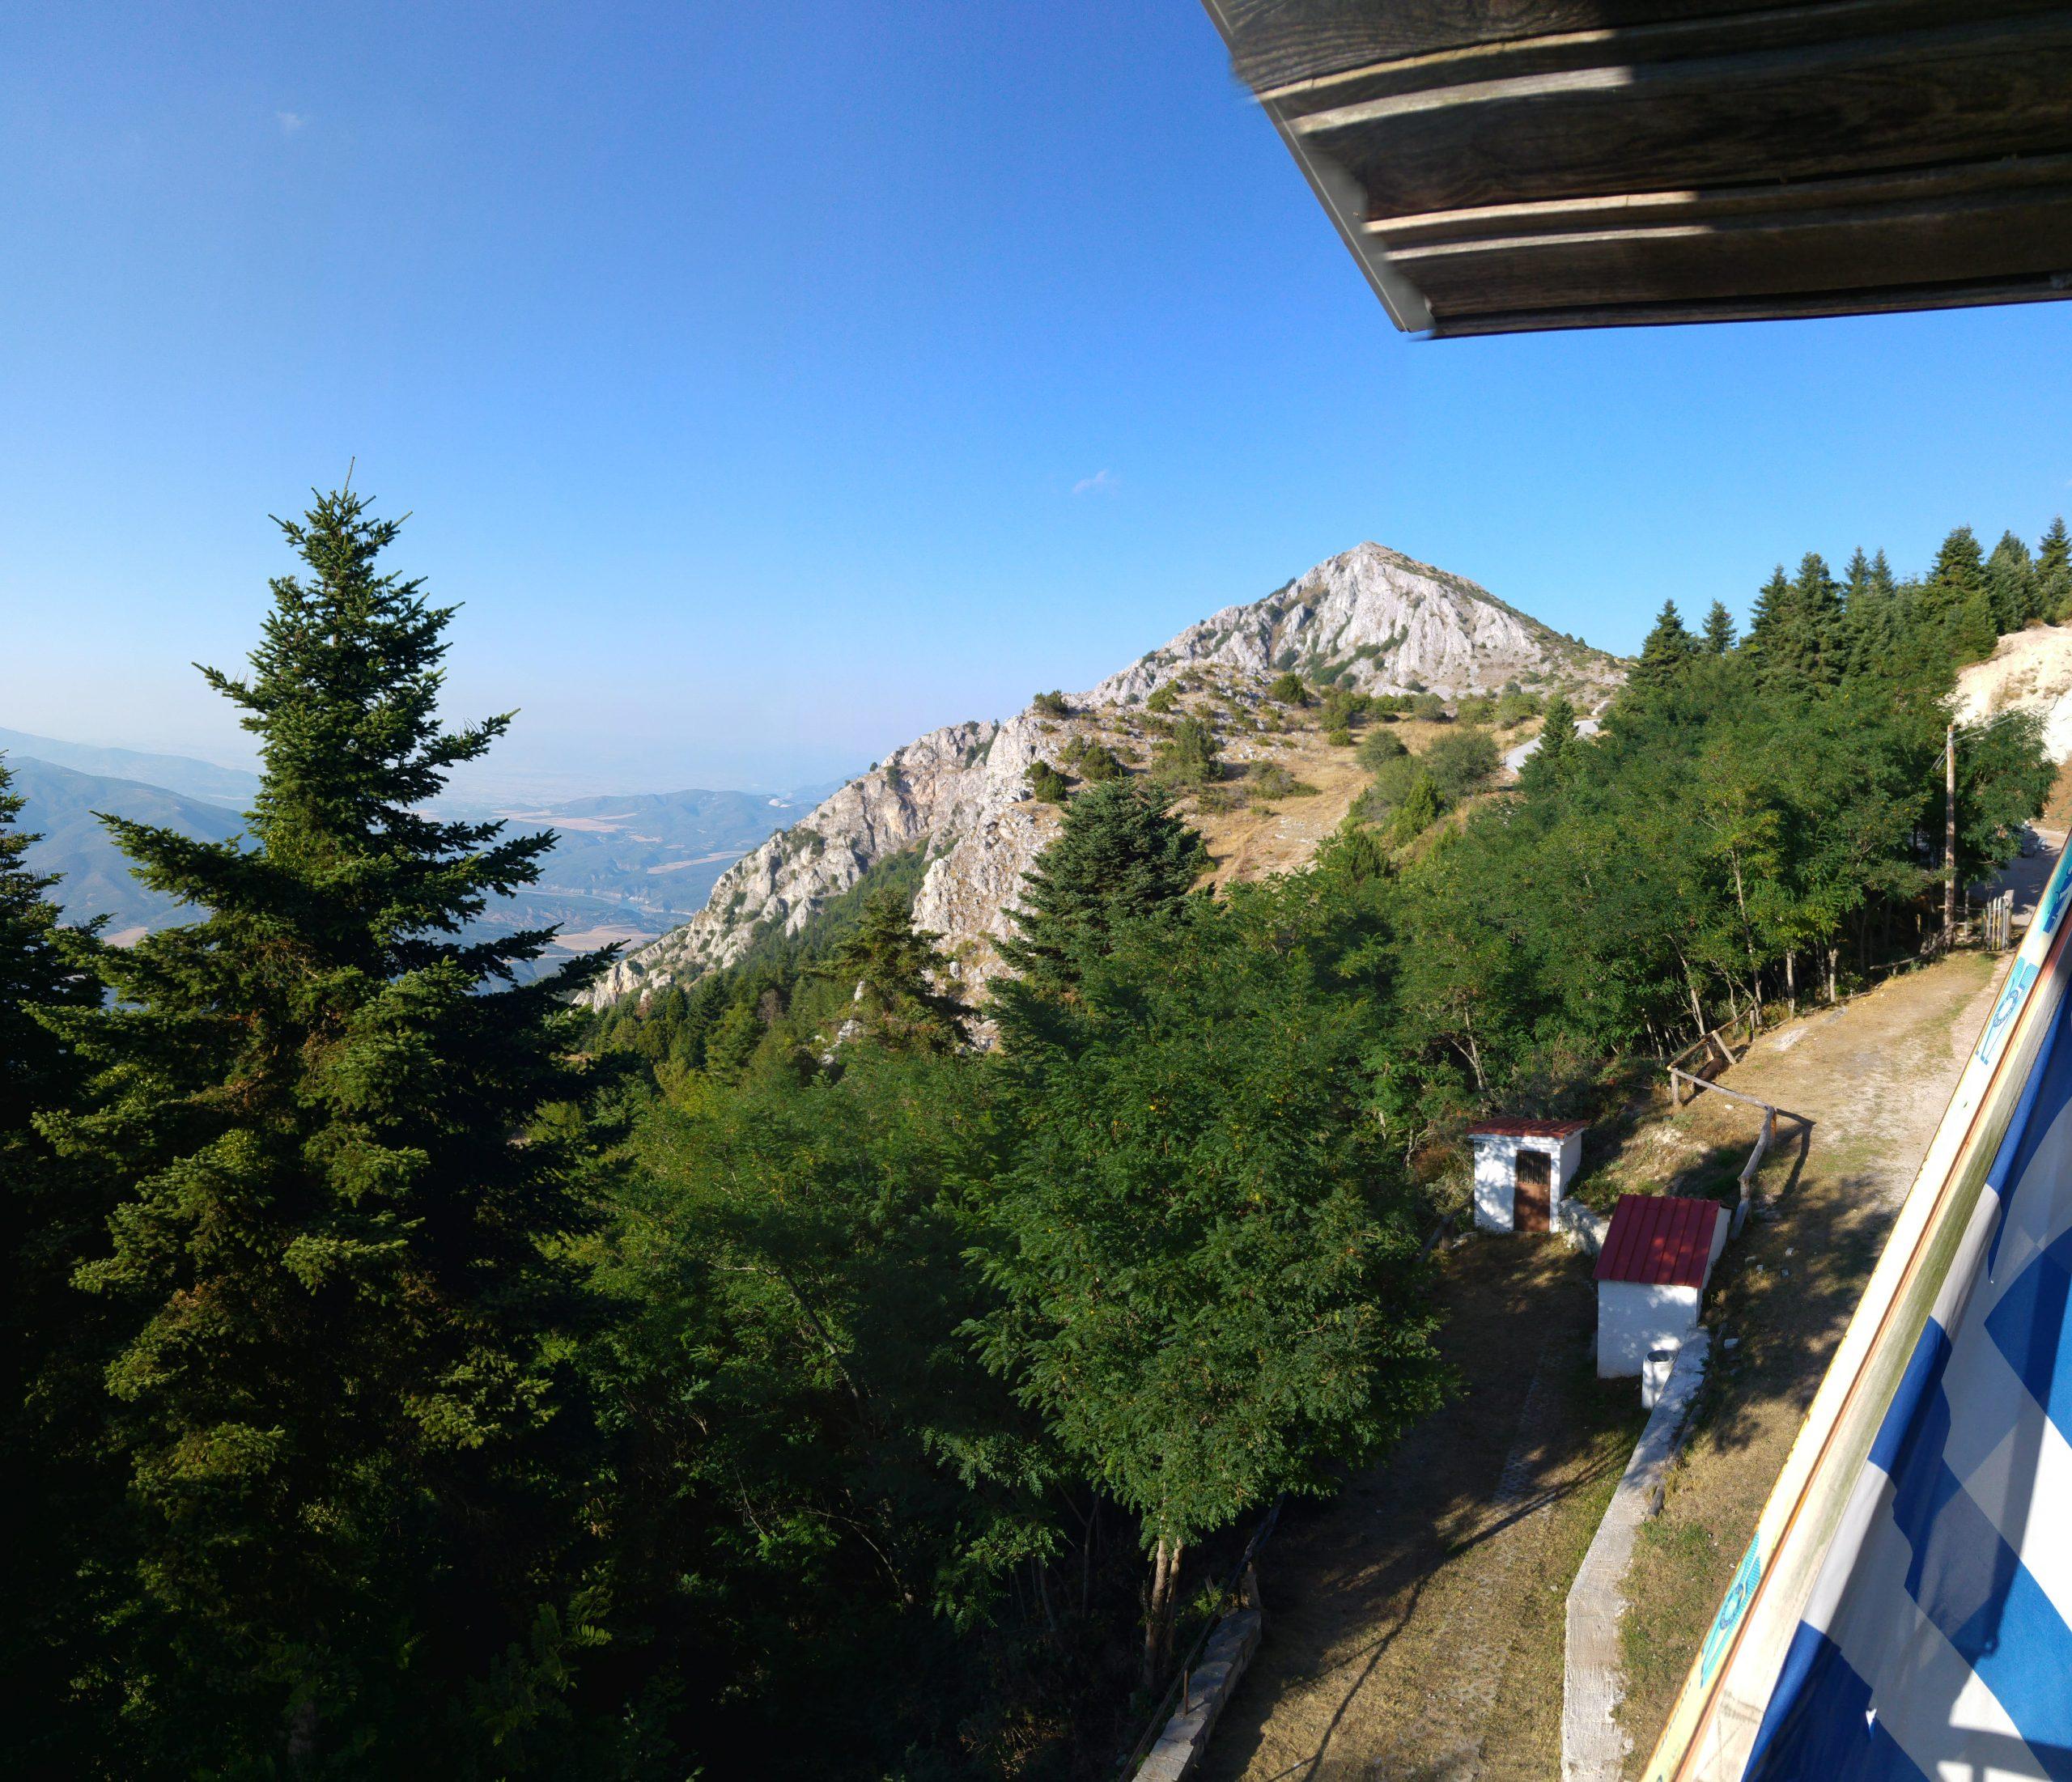 Καλοκαιρινή θέα από το καταφύγιο Βουνάσας © ΕΟΣ Δεσκάτης